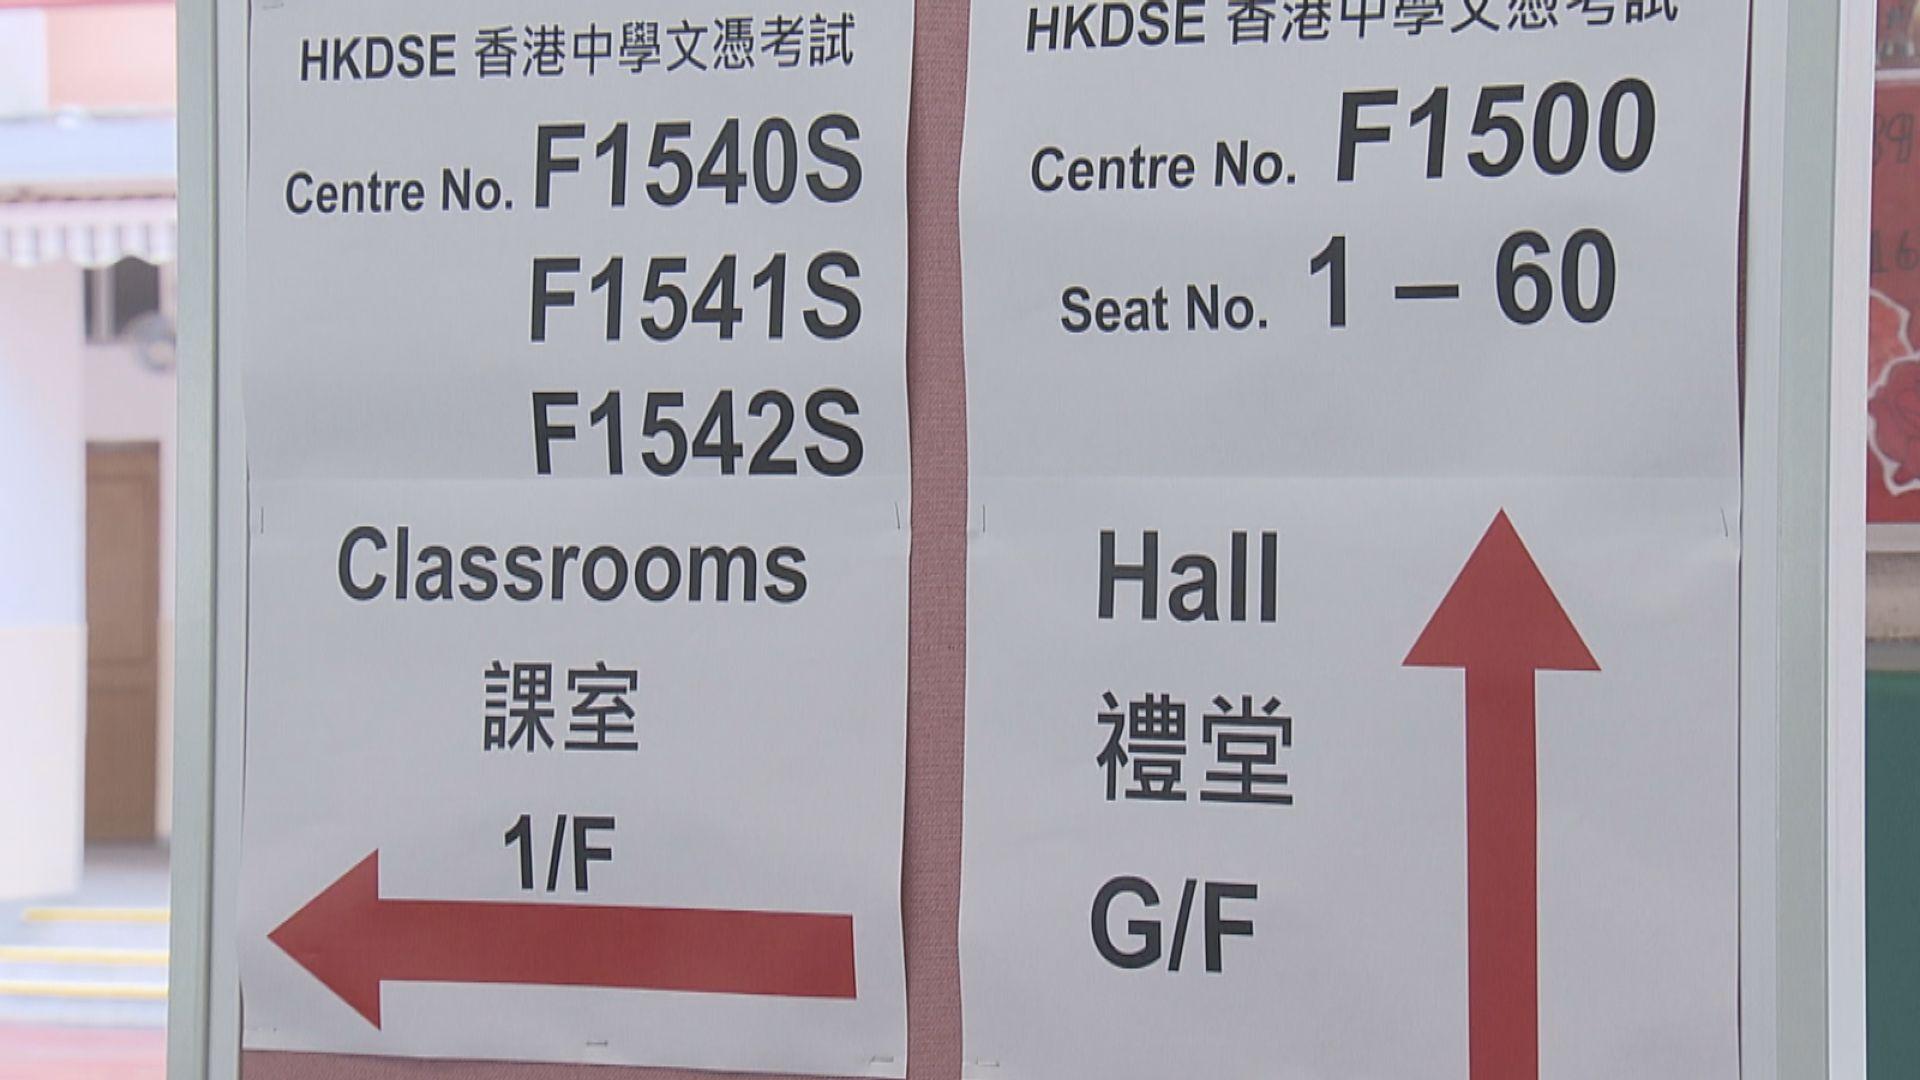 有試場預演考生到場 學校安排額外人手應付突發情況